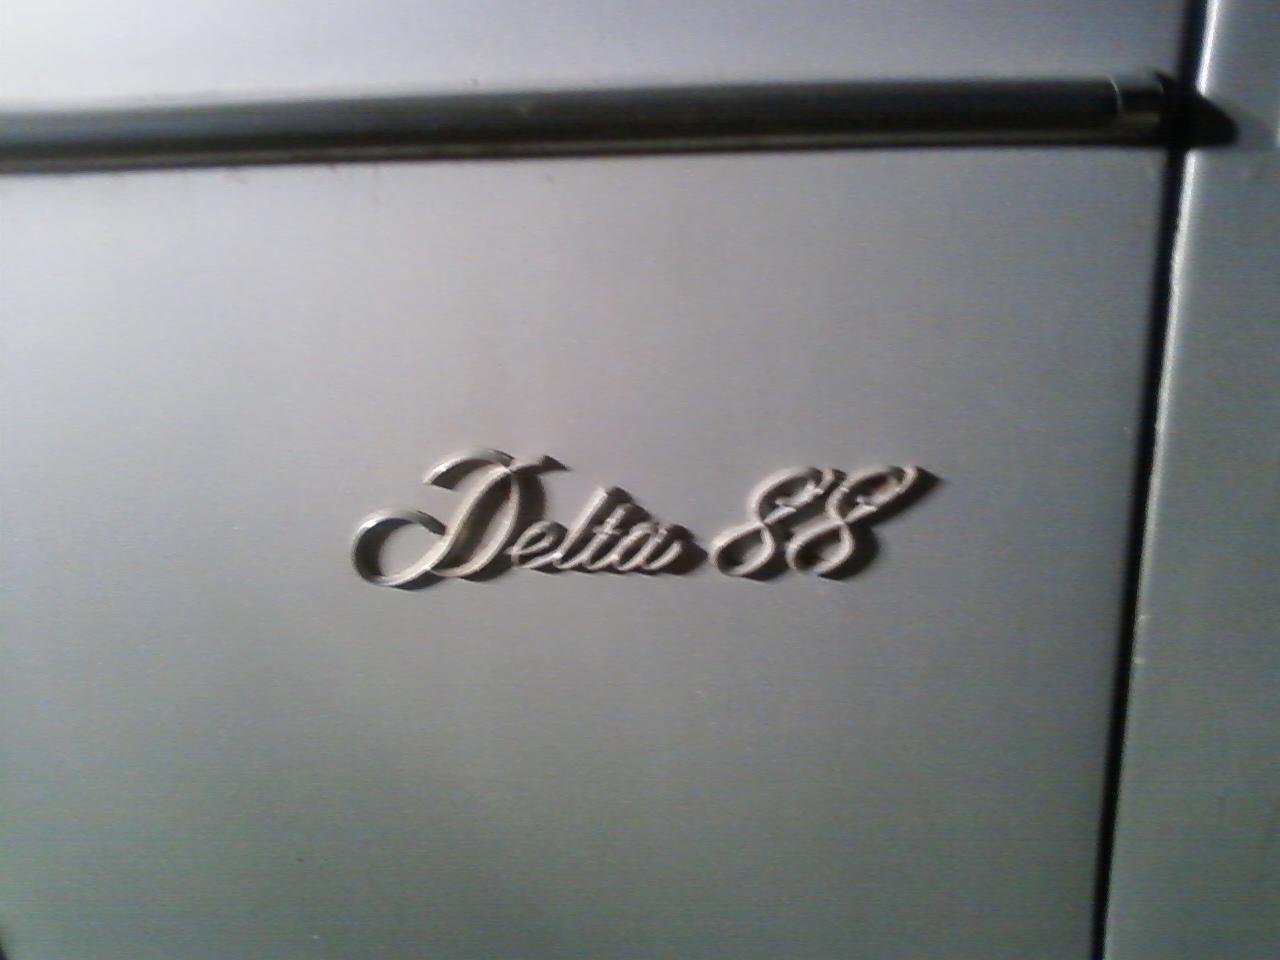 1975 Delta 88